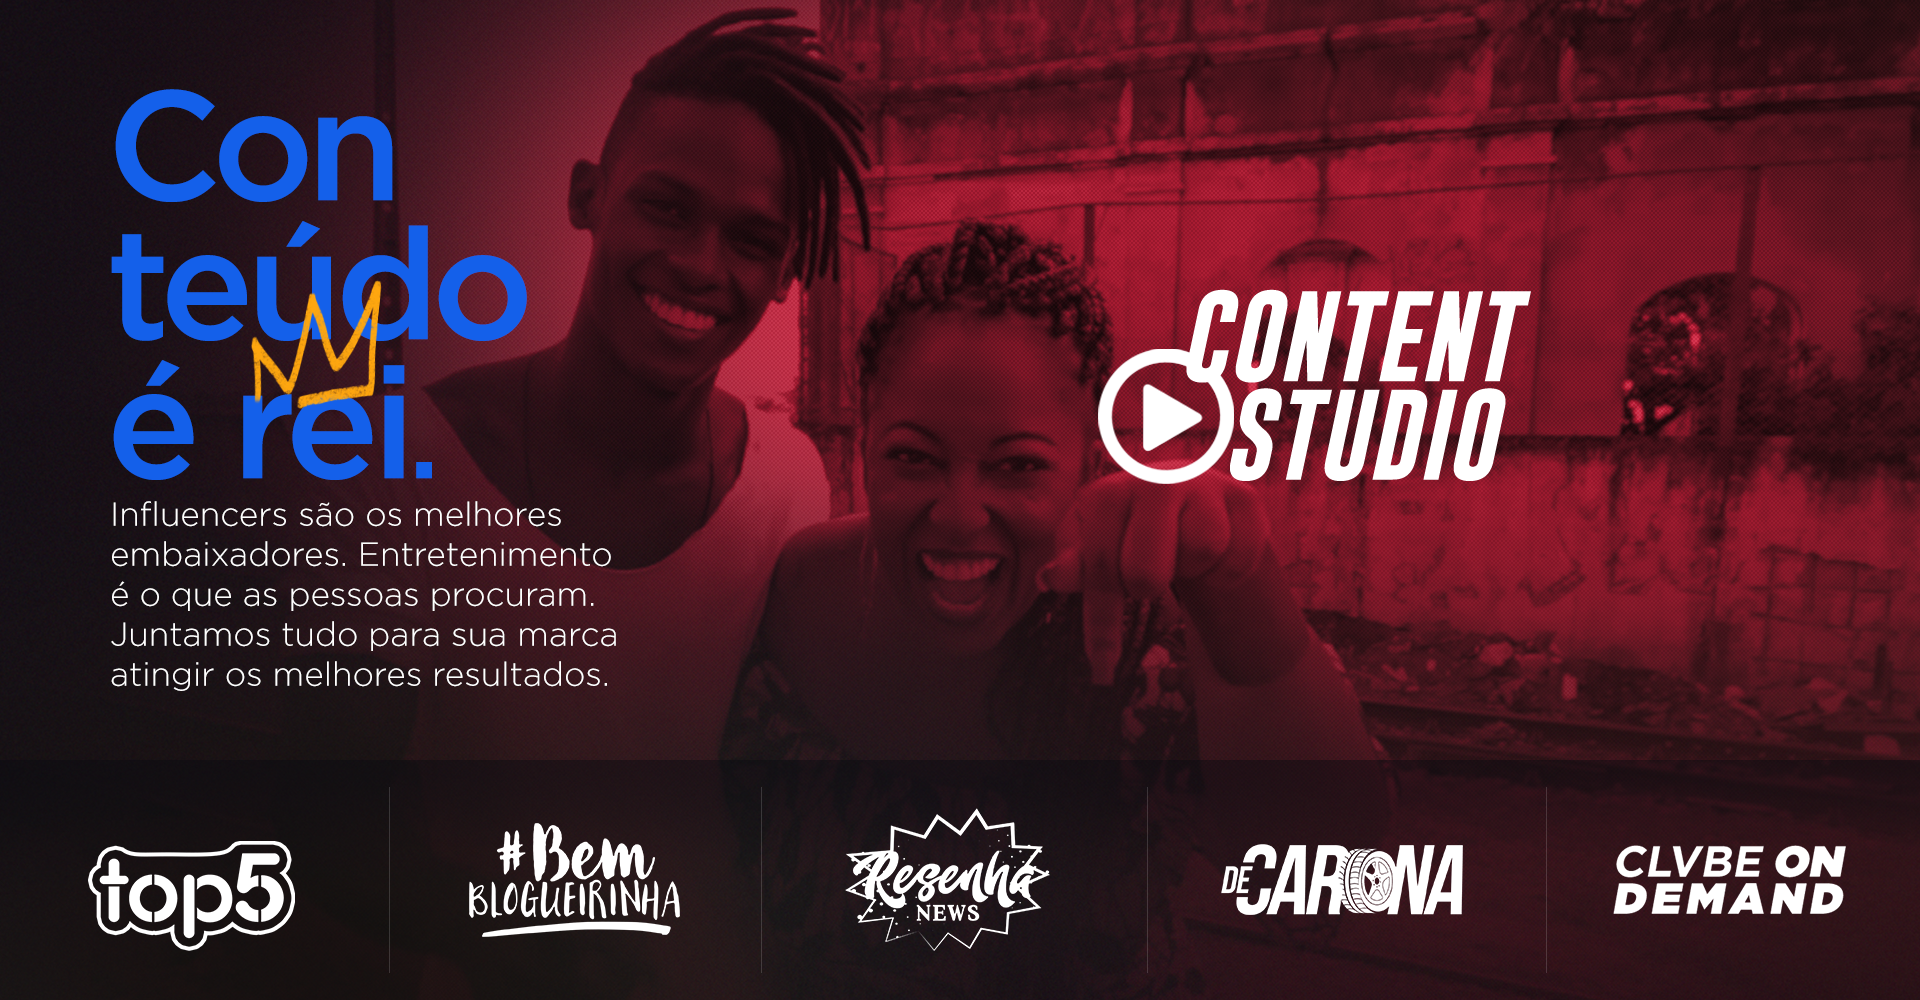 content studio_bg 02P.png